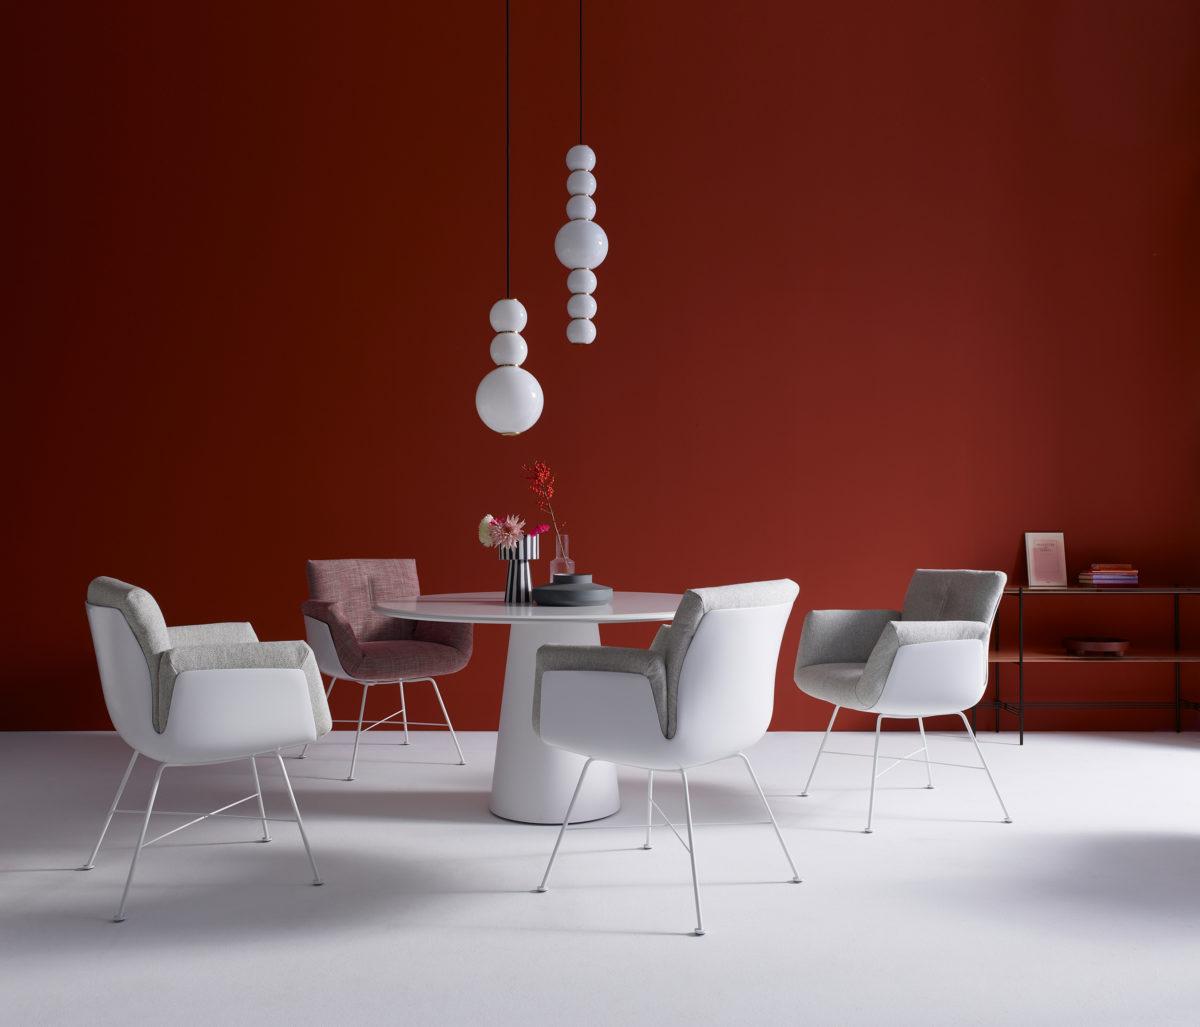 CONIC Esstisch Rund, Oval, Rechteckig, Tischplatte MDF Lack-,  und Pulverlackfarben, Massivholz  geölt. Untergestell Cristaplant matt weiß oder  COR Lackfarben.  ALVO Stuhl auf Dreh-Gestell. Der Firma COR